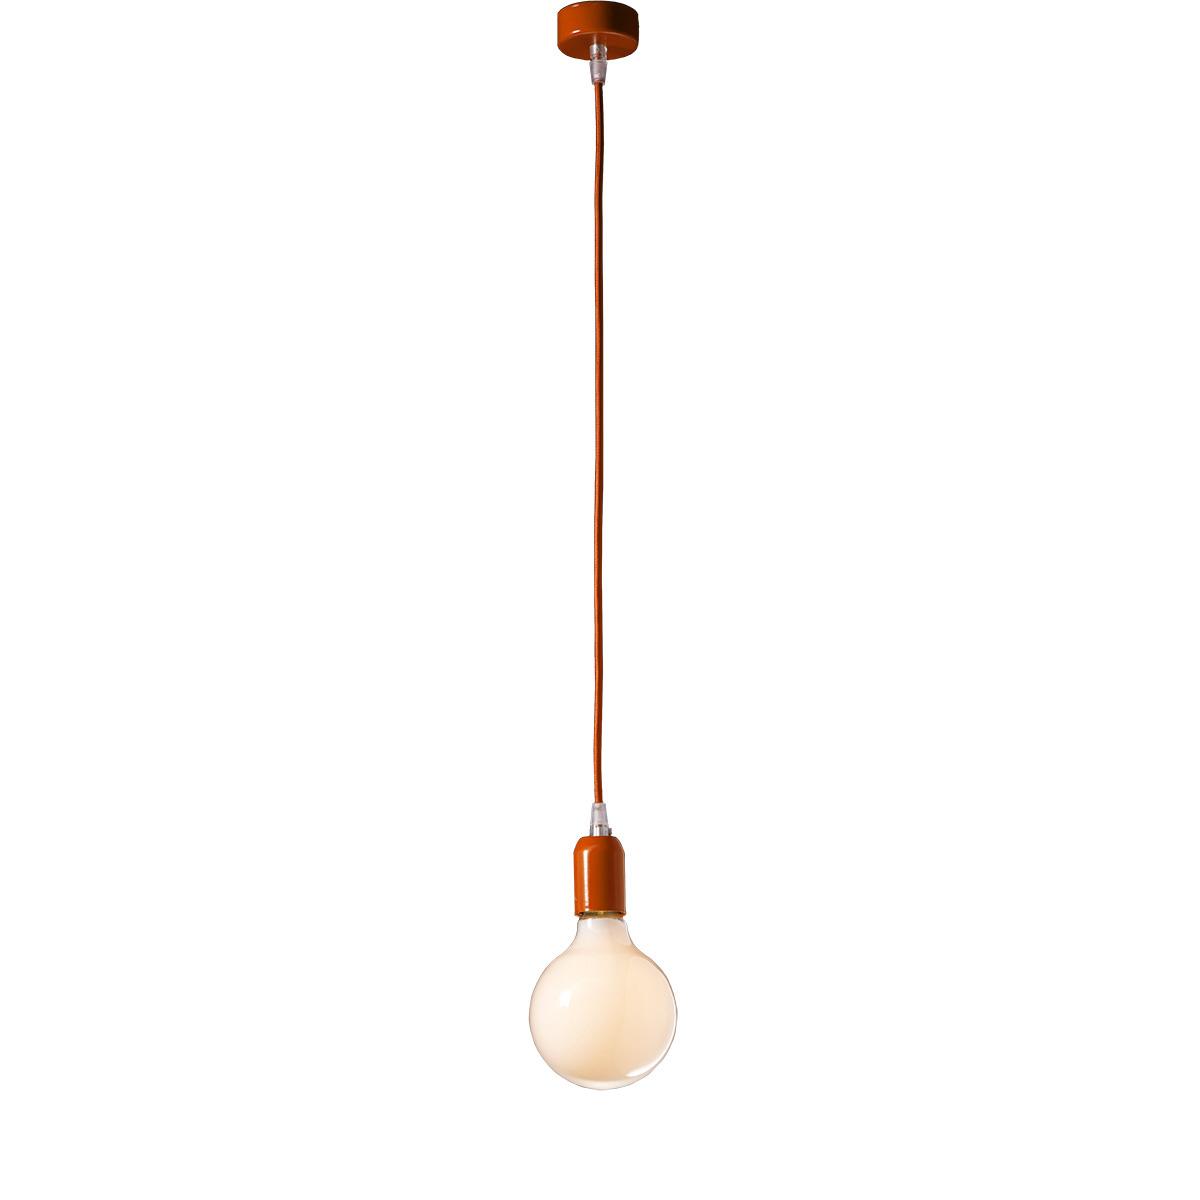 Μοντέρνο πορτοκαλί μονόφωτο ΚΑΛΩΔΙΑ modern orange suspension lamp